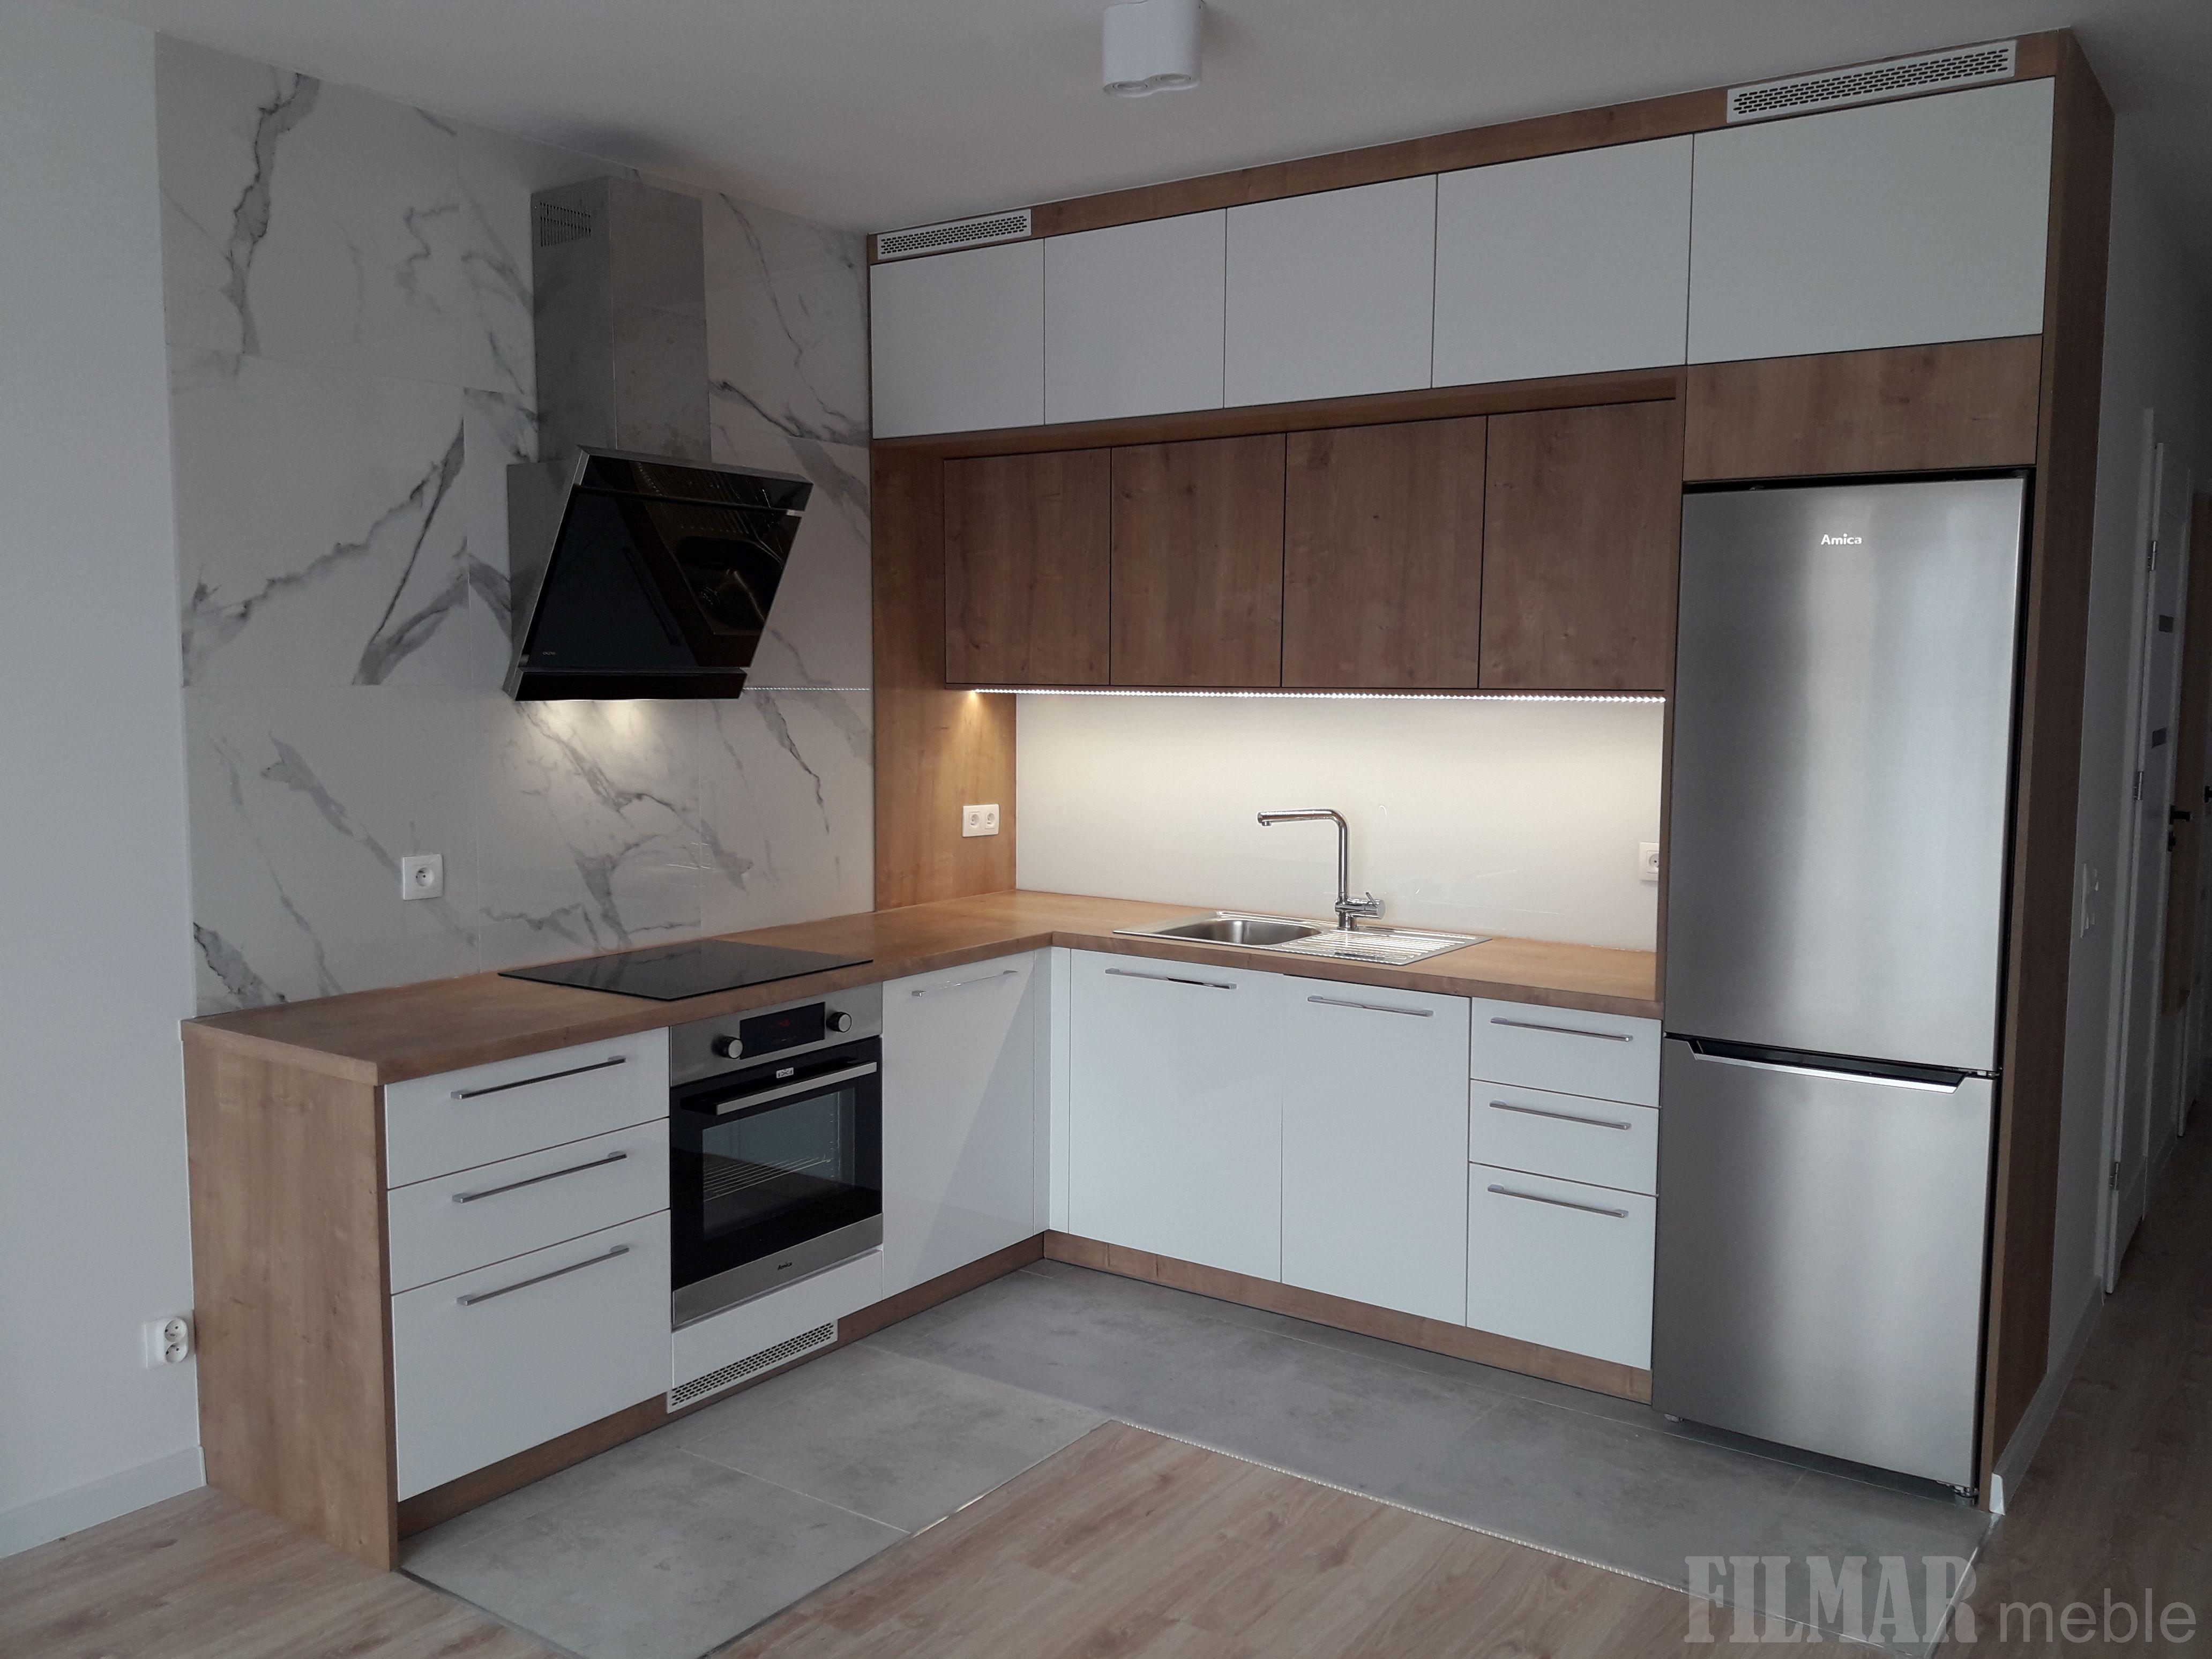 Nowoczesna Kuchnia Kitchen Design Home Decor Kitchen